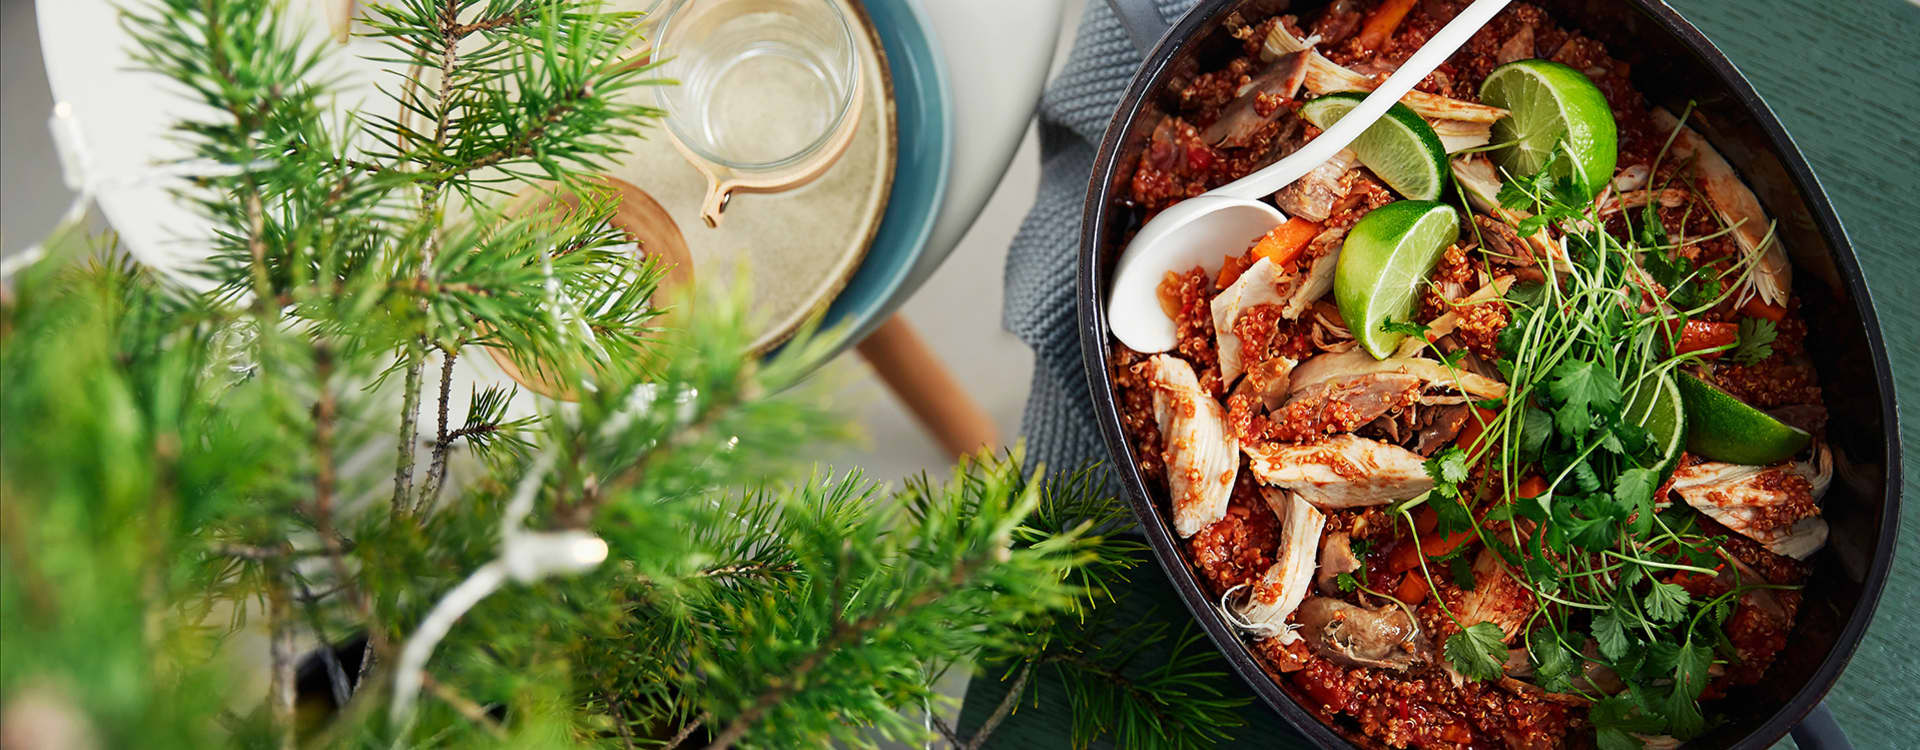 Kalkungryte med tomat, løk, gulrøtter, hasselnøtter og quinoa